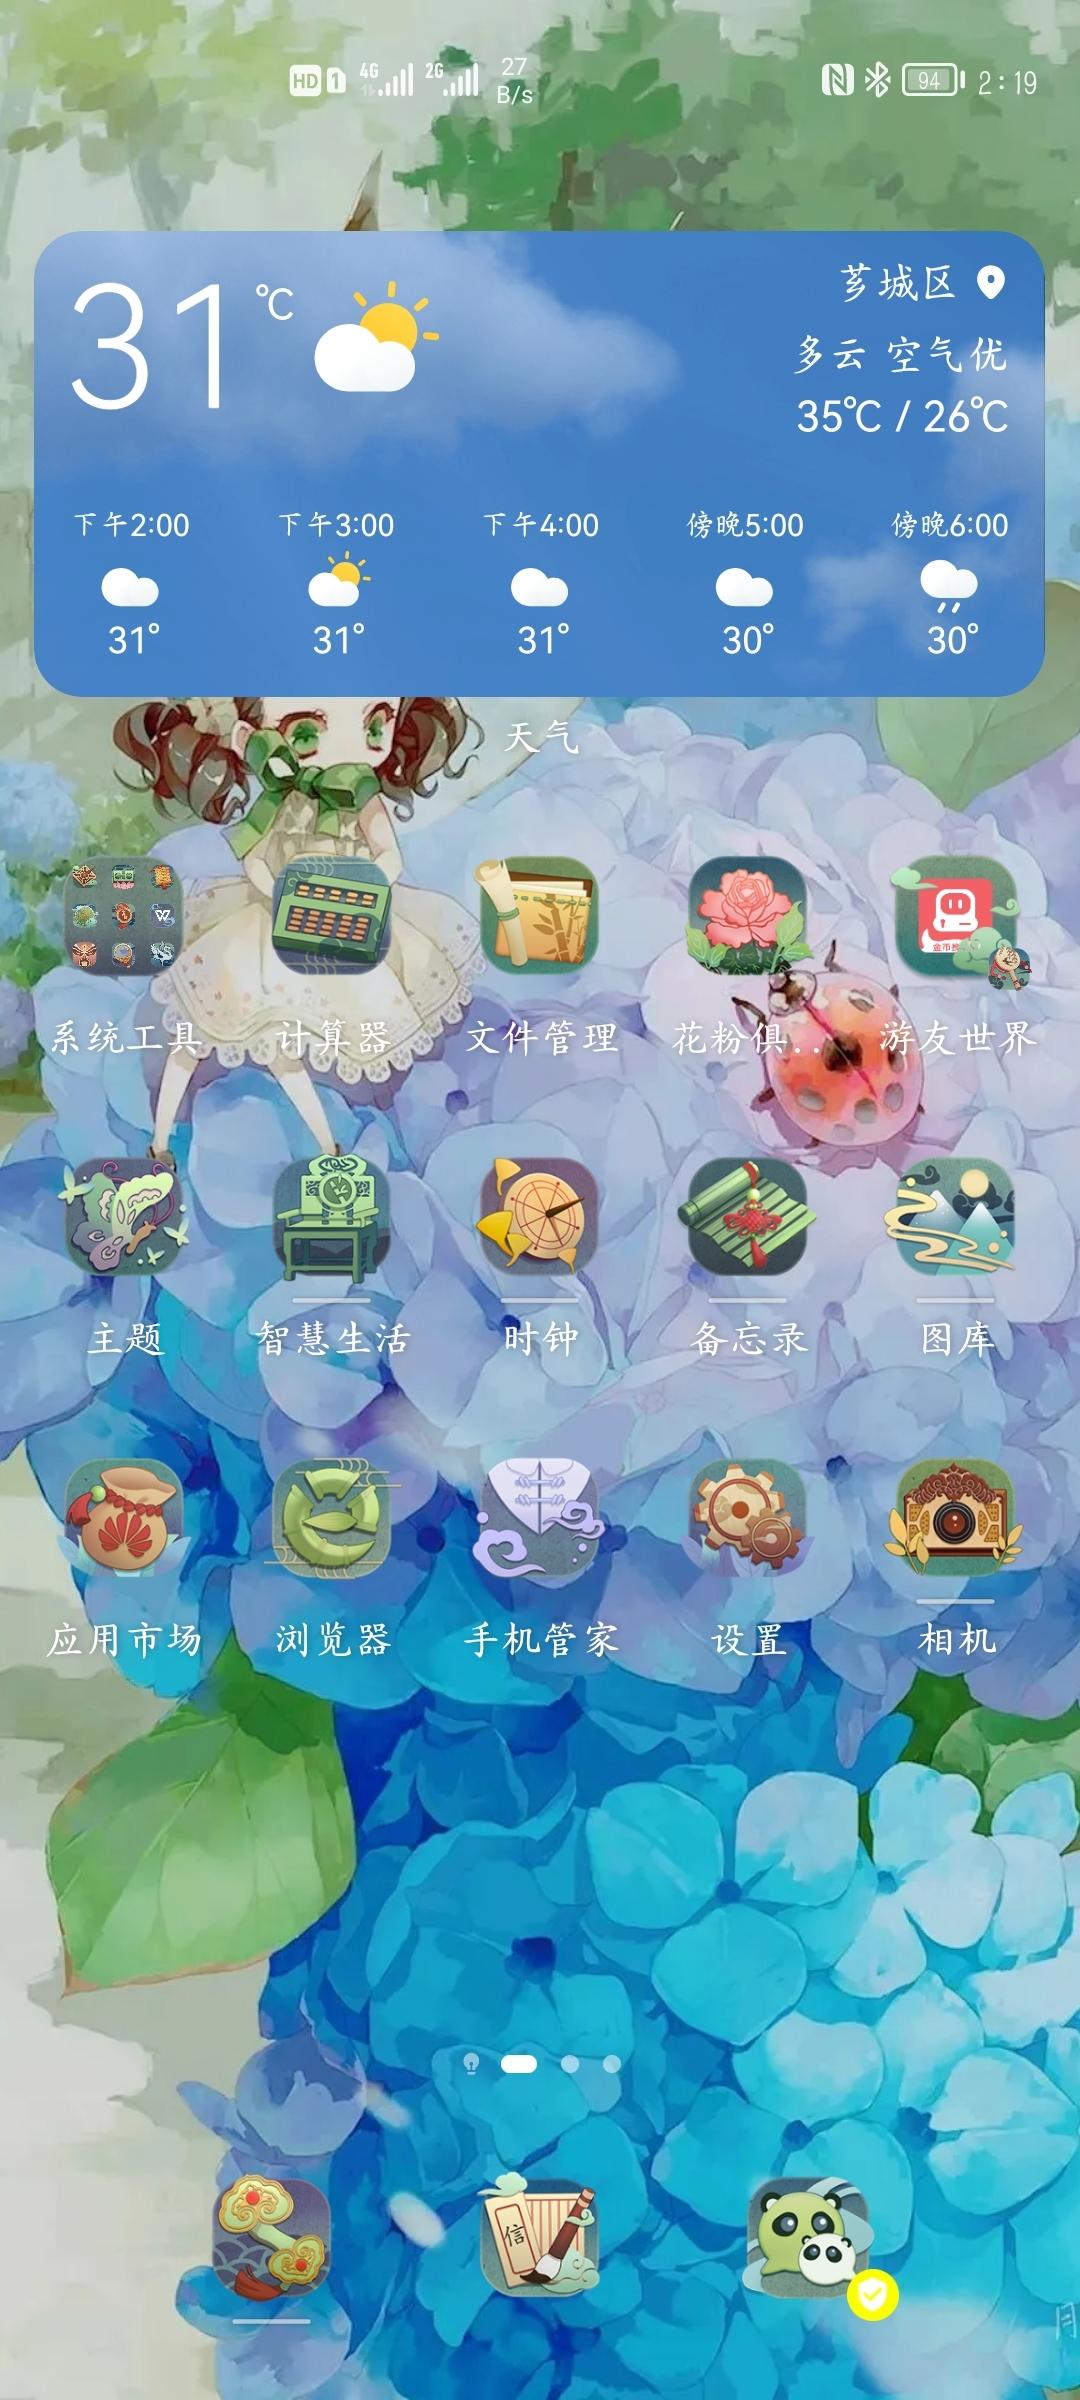 Screenshot_20210719_141945_com.huawei.android.launcher.jpg